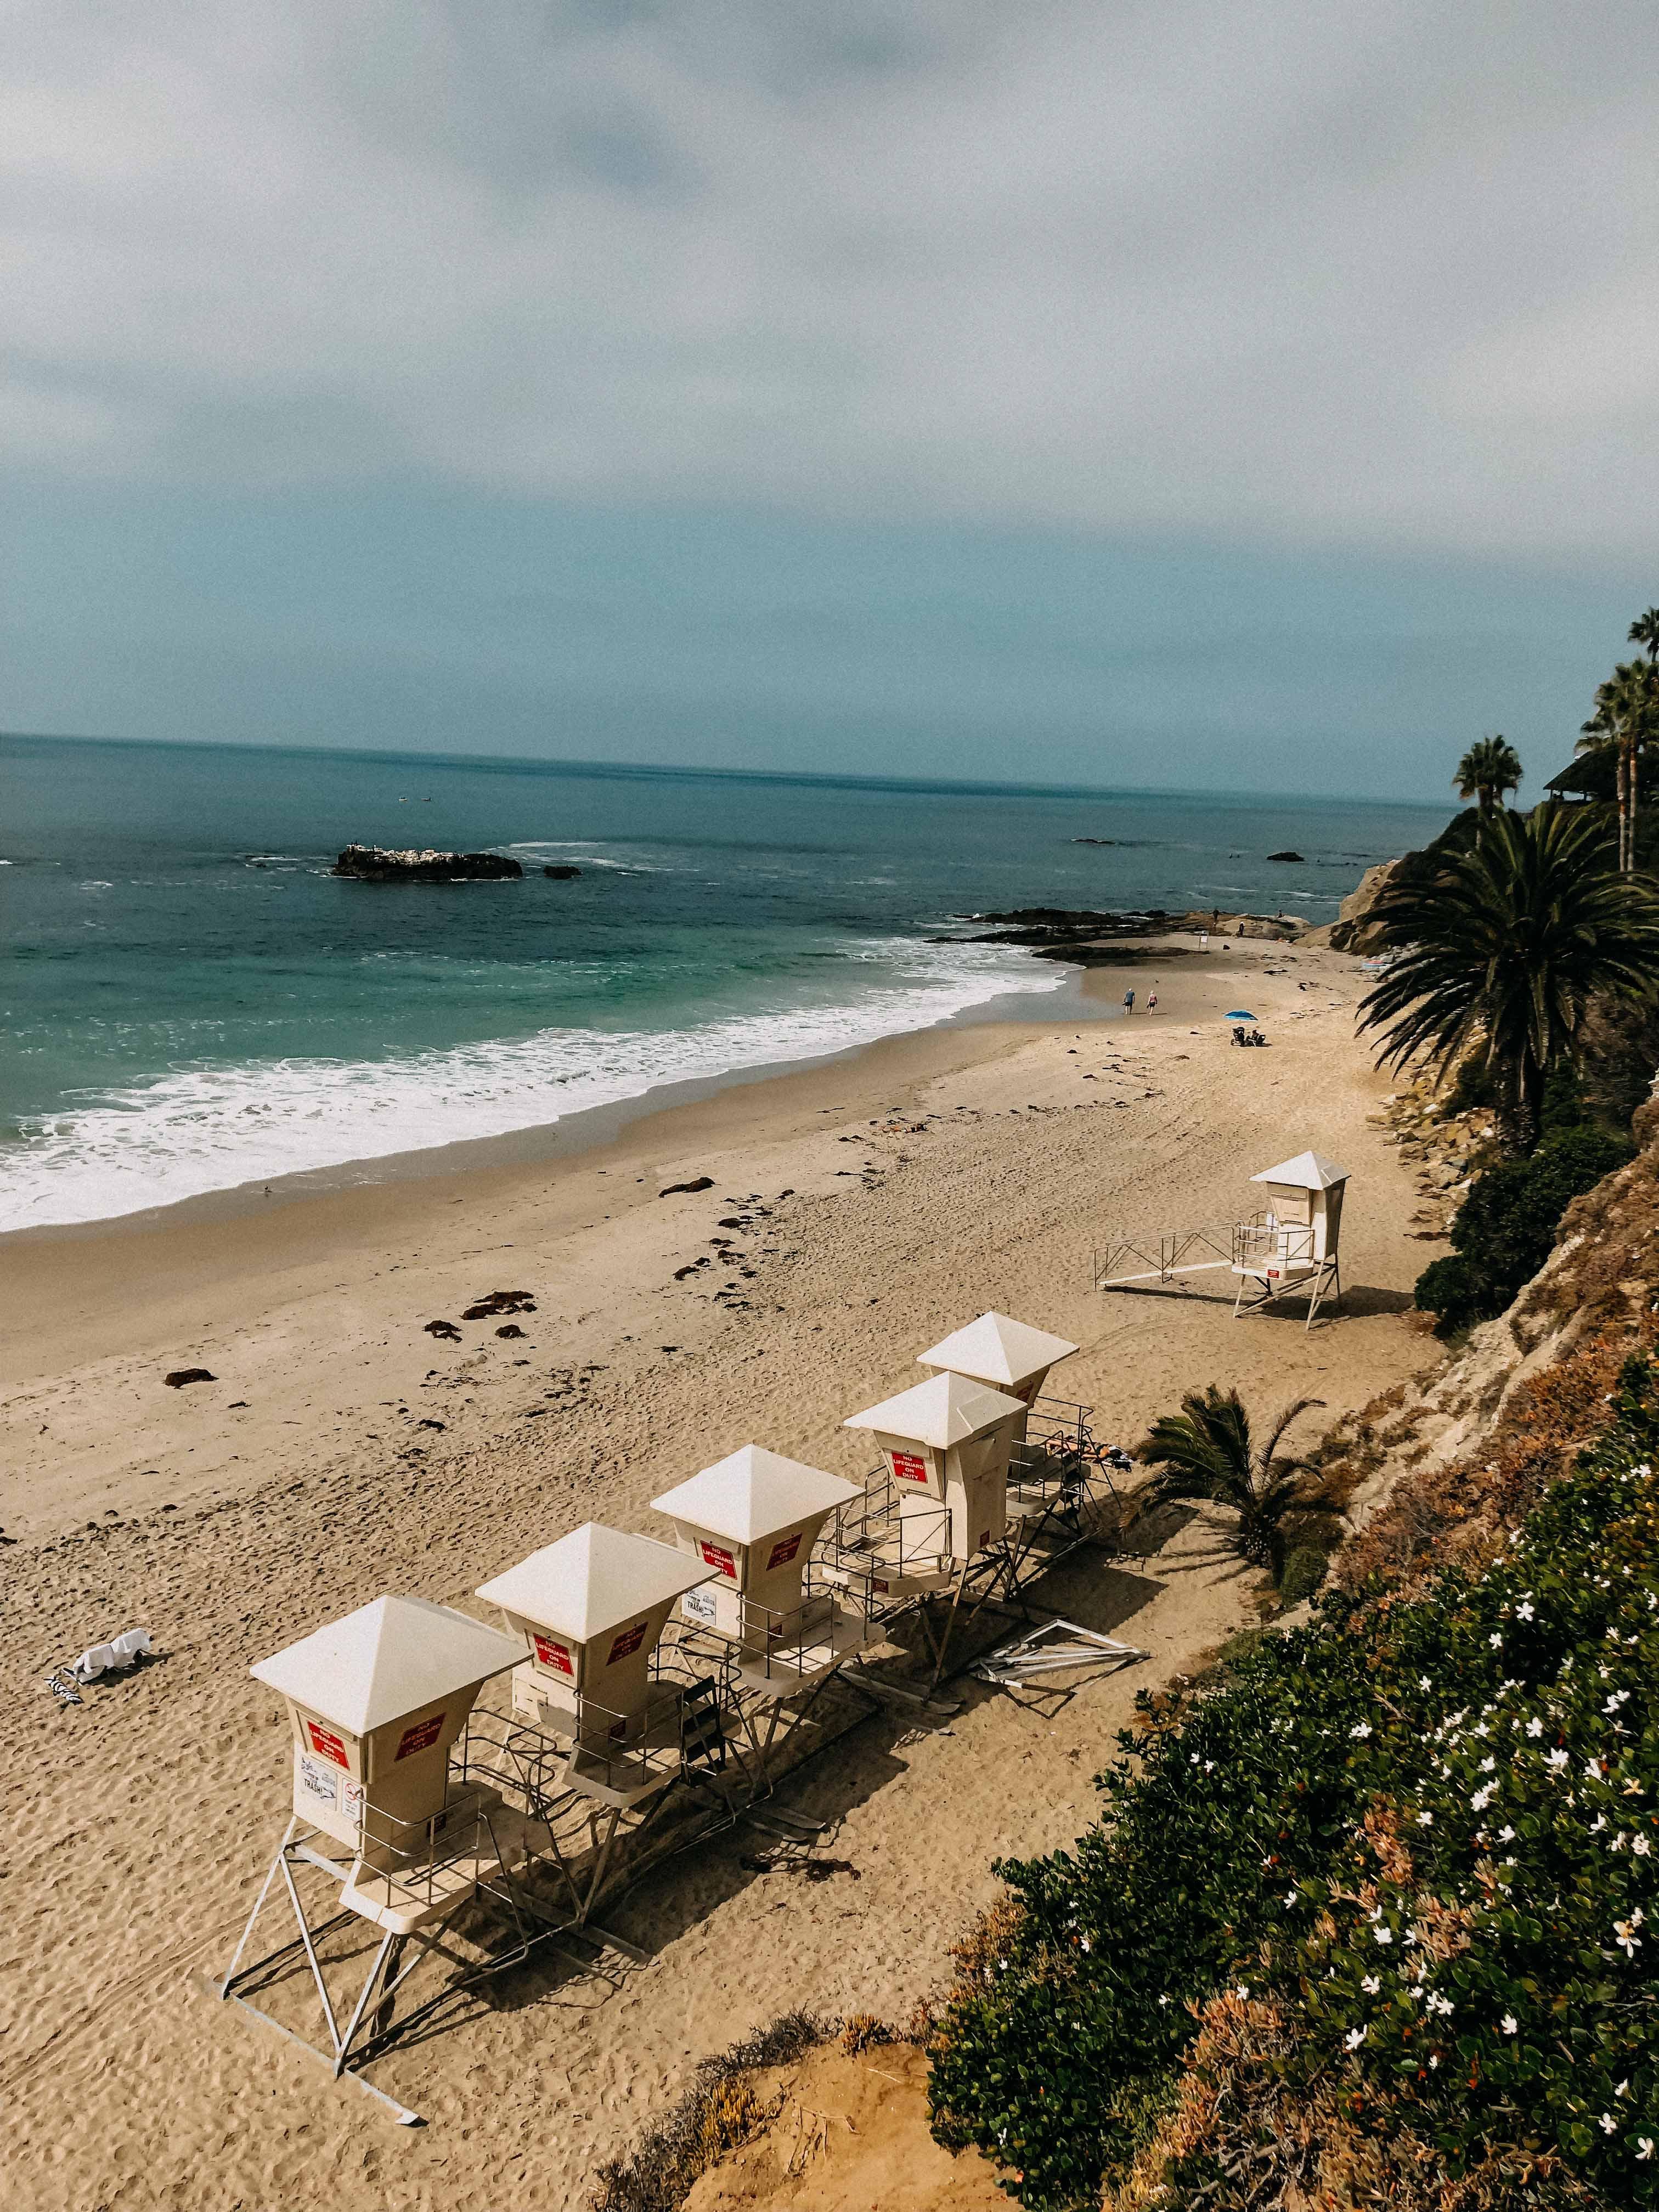 Top Insider Tipps Los Angeles Laguna Beach Traumstrände LA beste Strände Tipp bester Strand USA Amerika 4